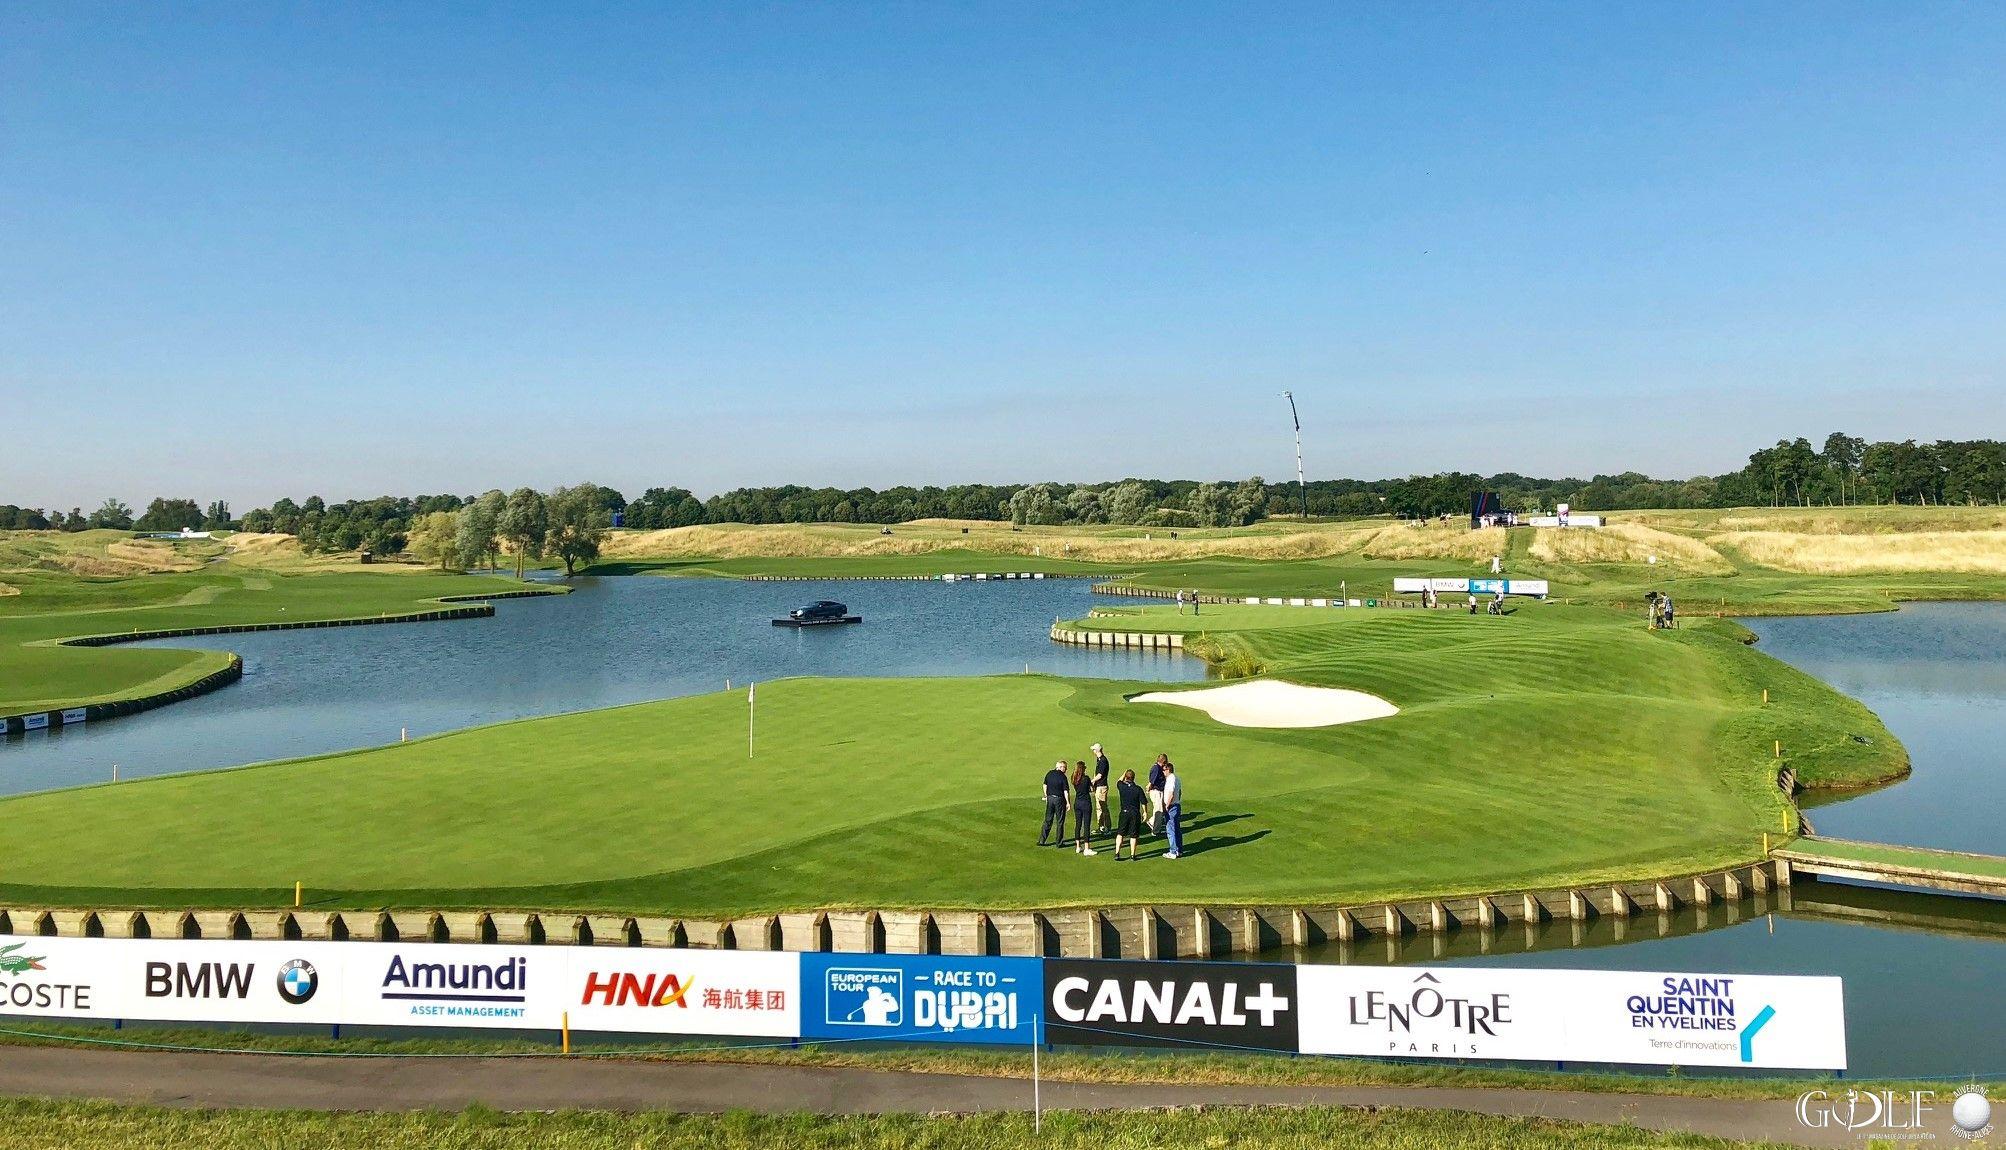 Bmw Golf Open 2021